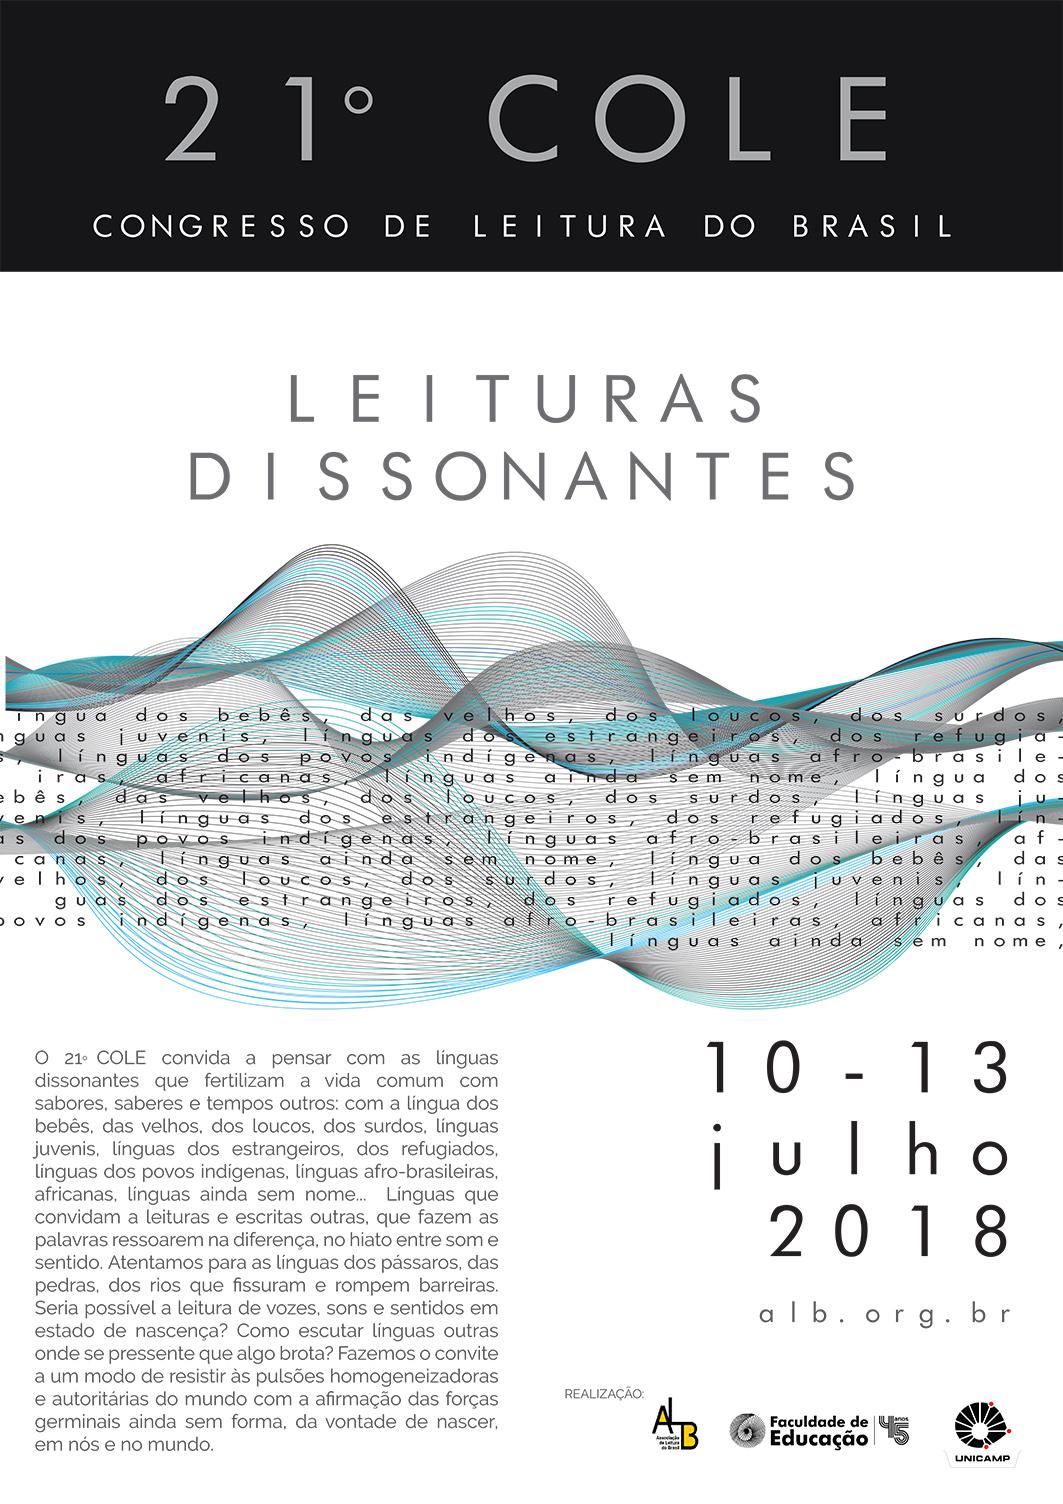 21º COLE – Congresso de Leitura – De 10 a 13/07/2018